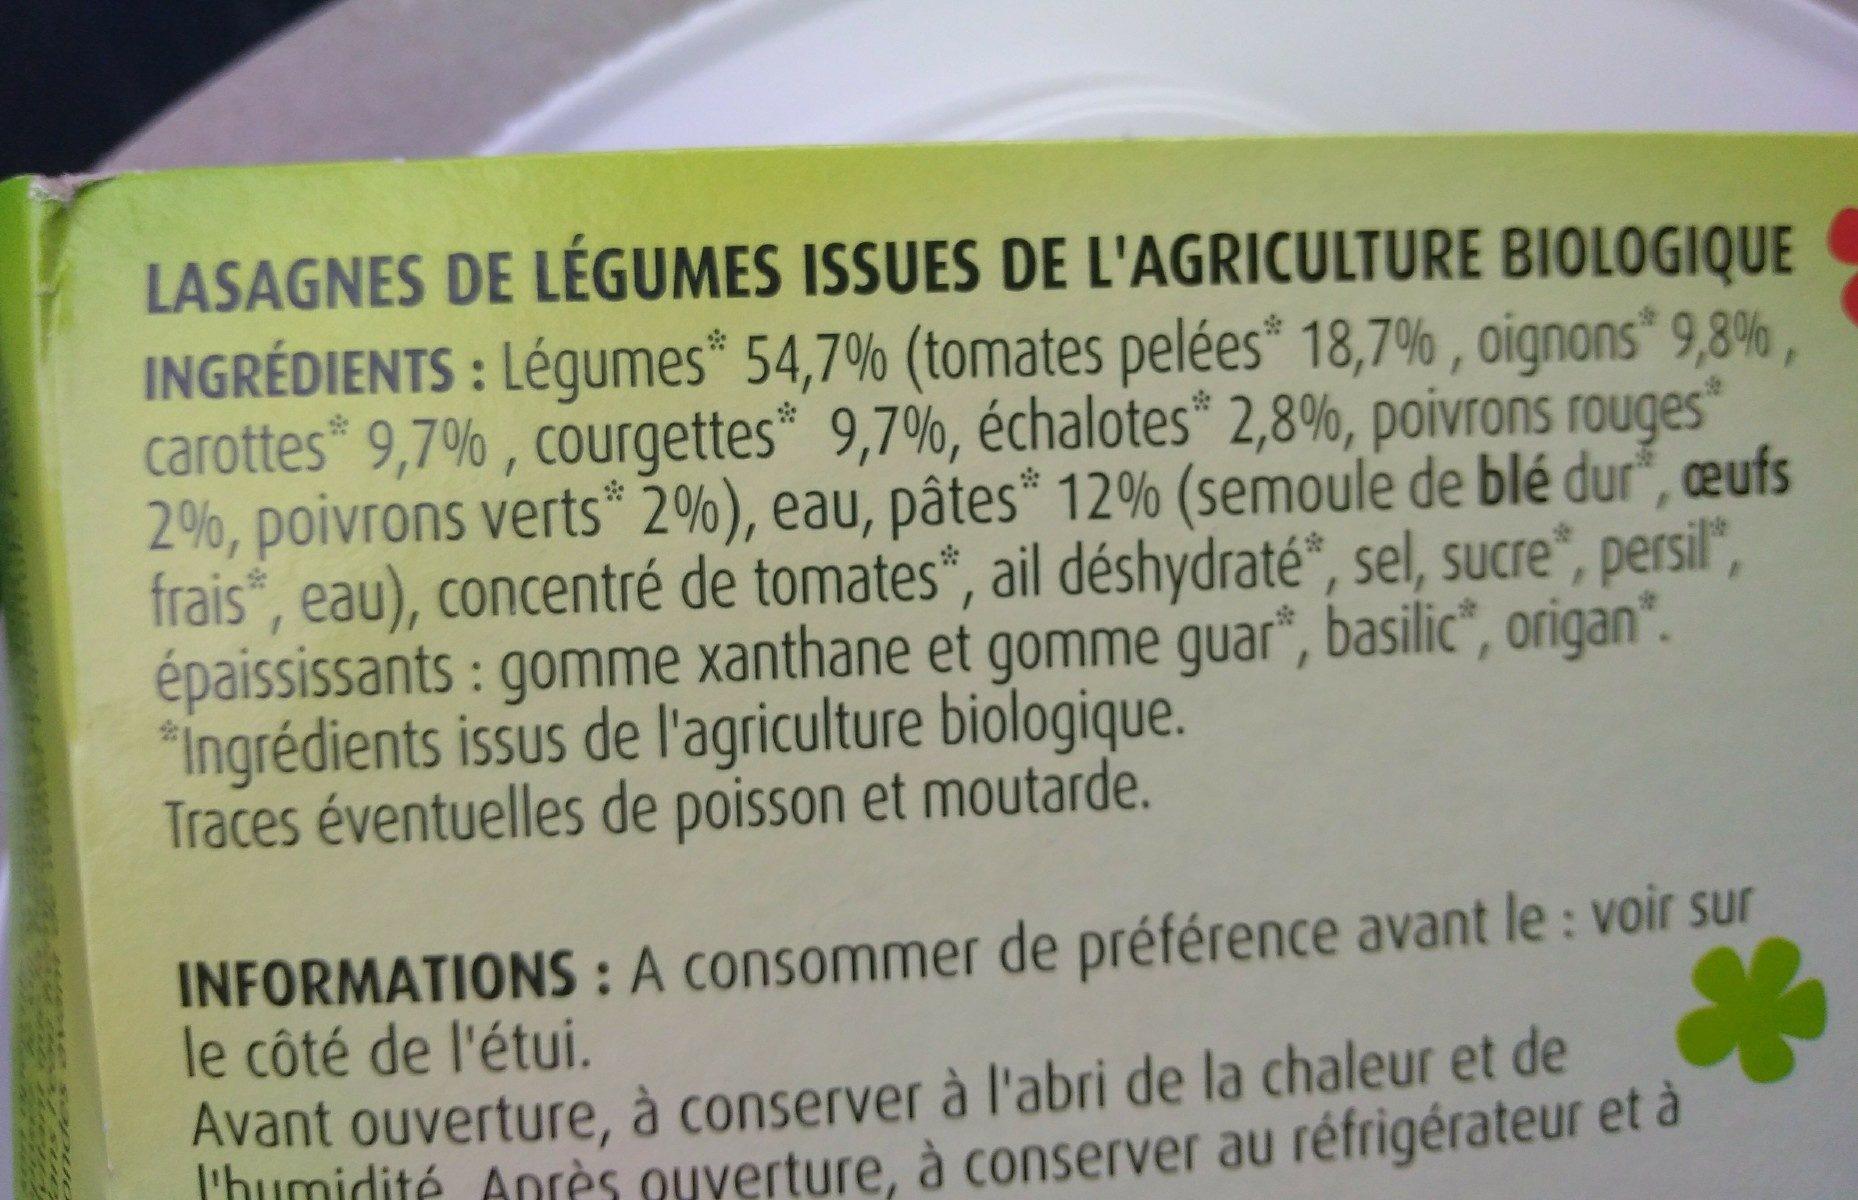 Lasagnes de legumes - Ingrédients - fr